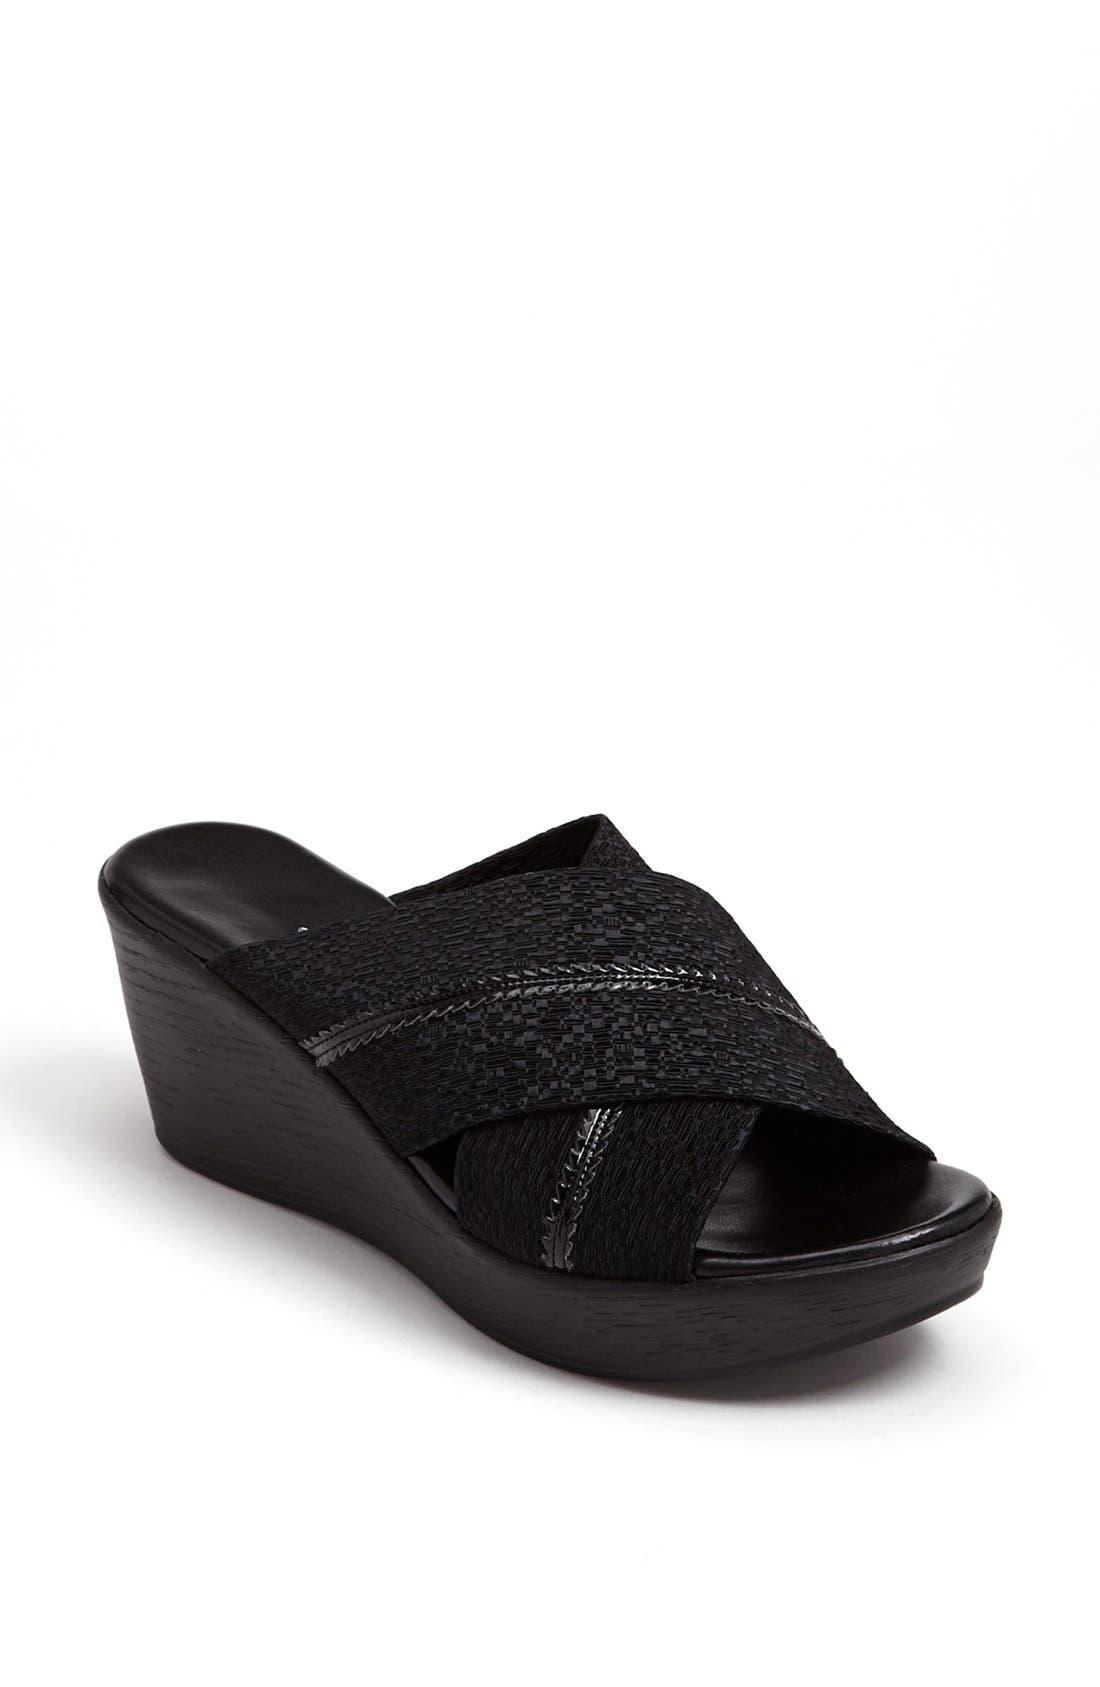 Main Image - Dezario 'Peter' Wedge Sandal